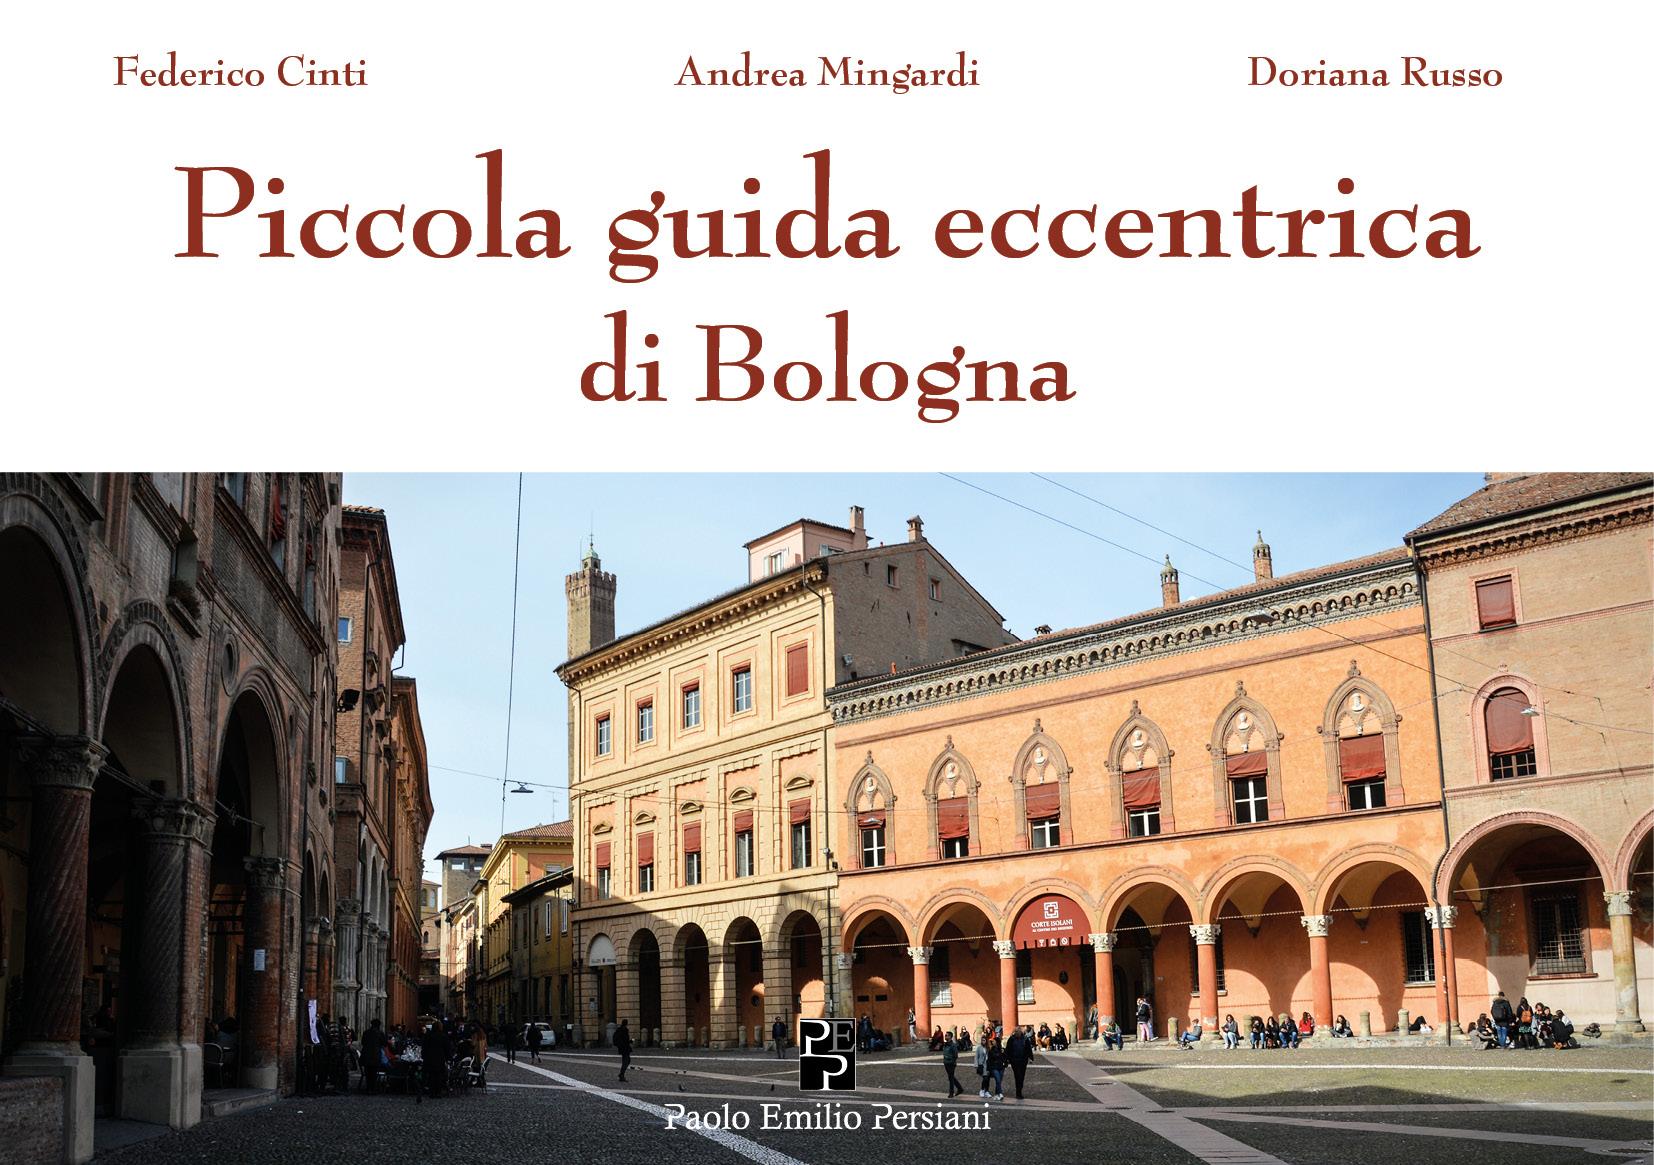 Piccola guida eccentrica di Bologna